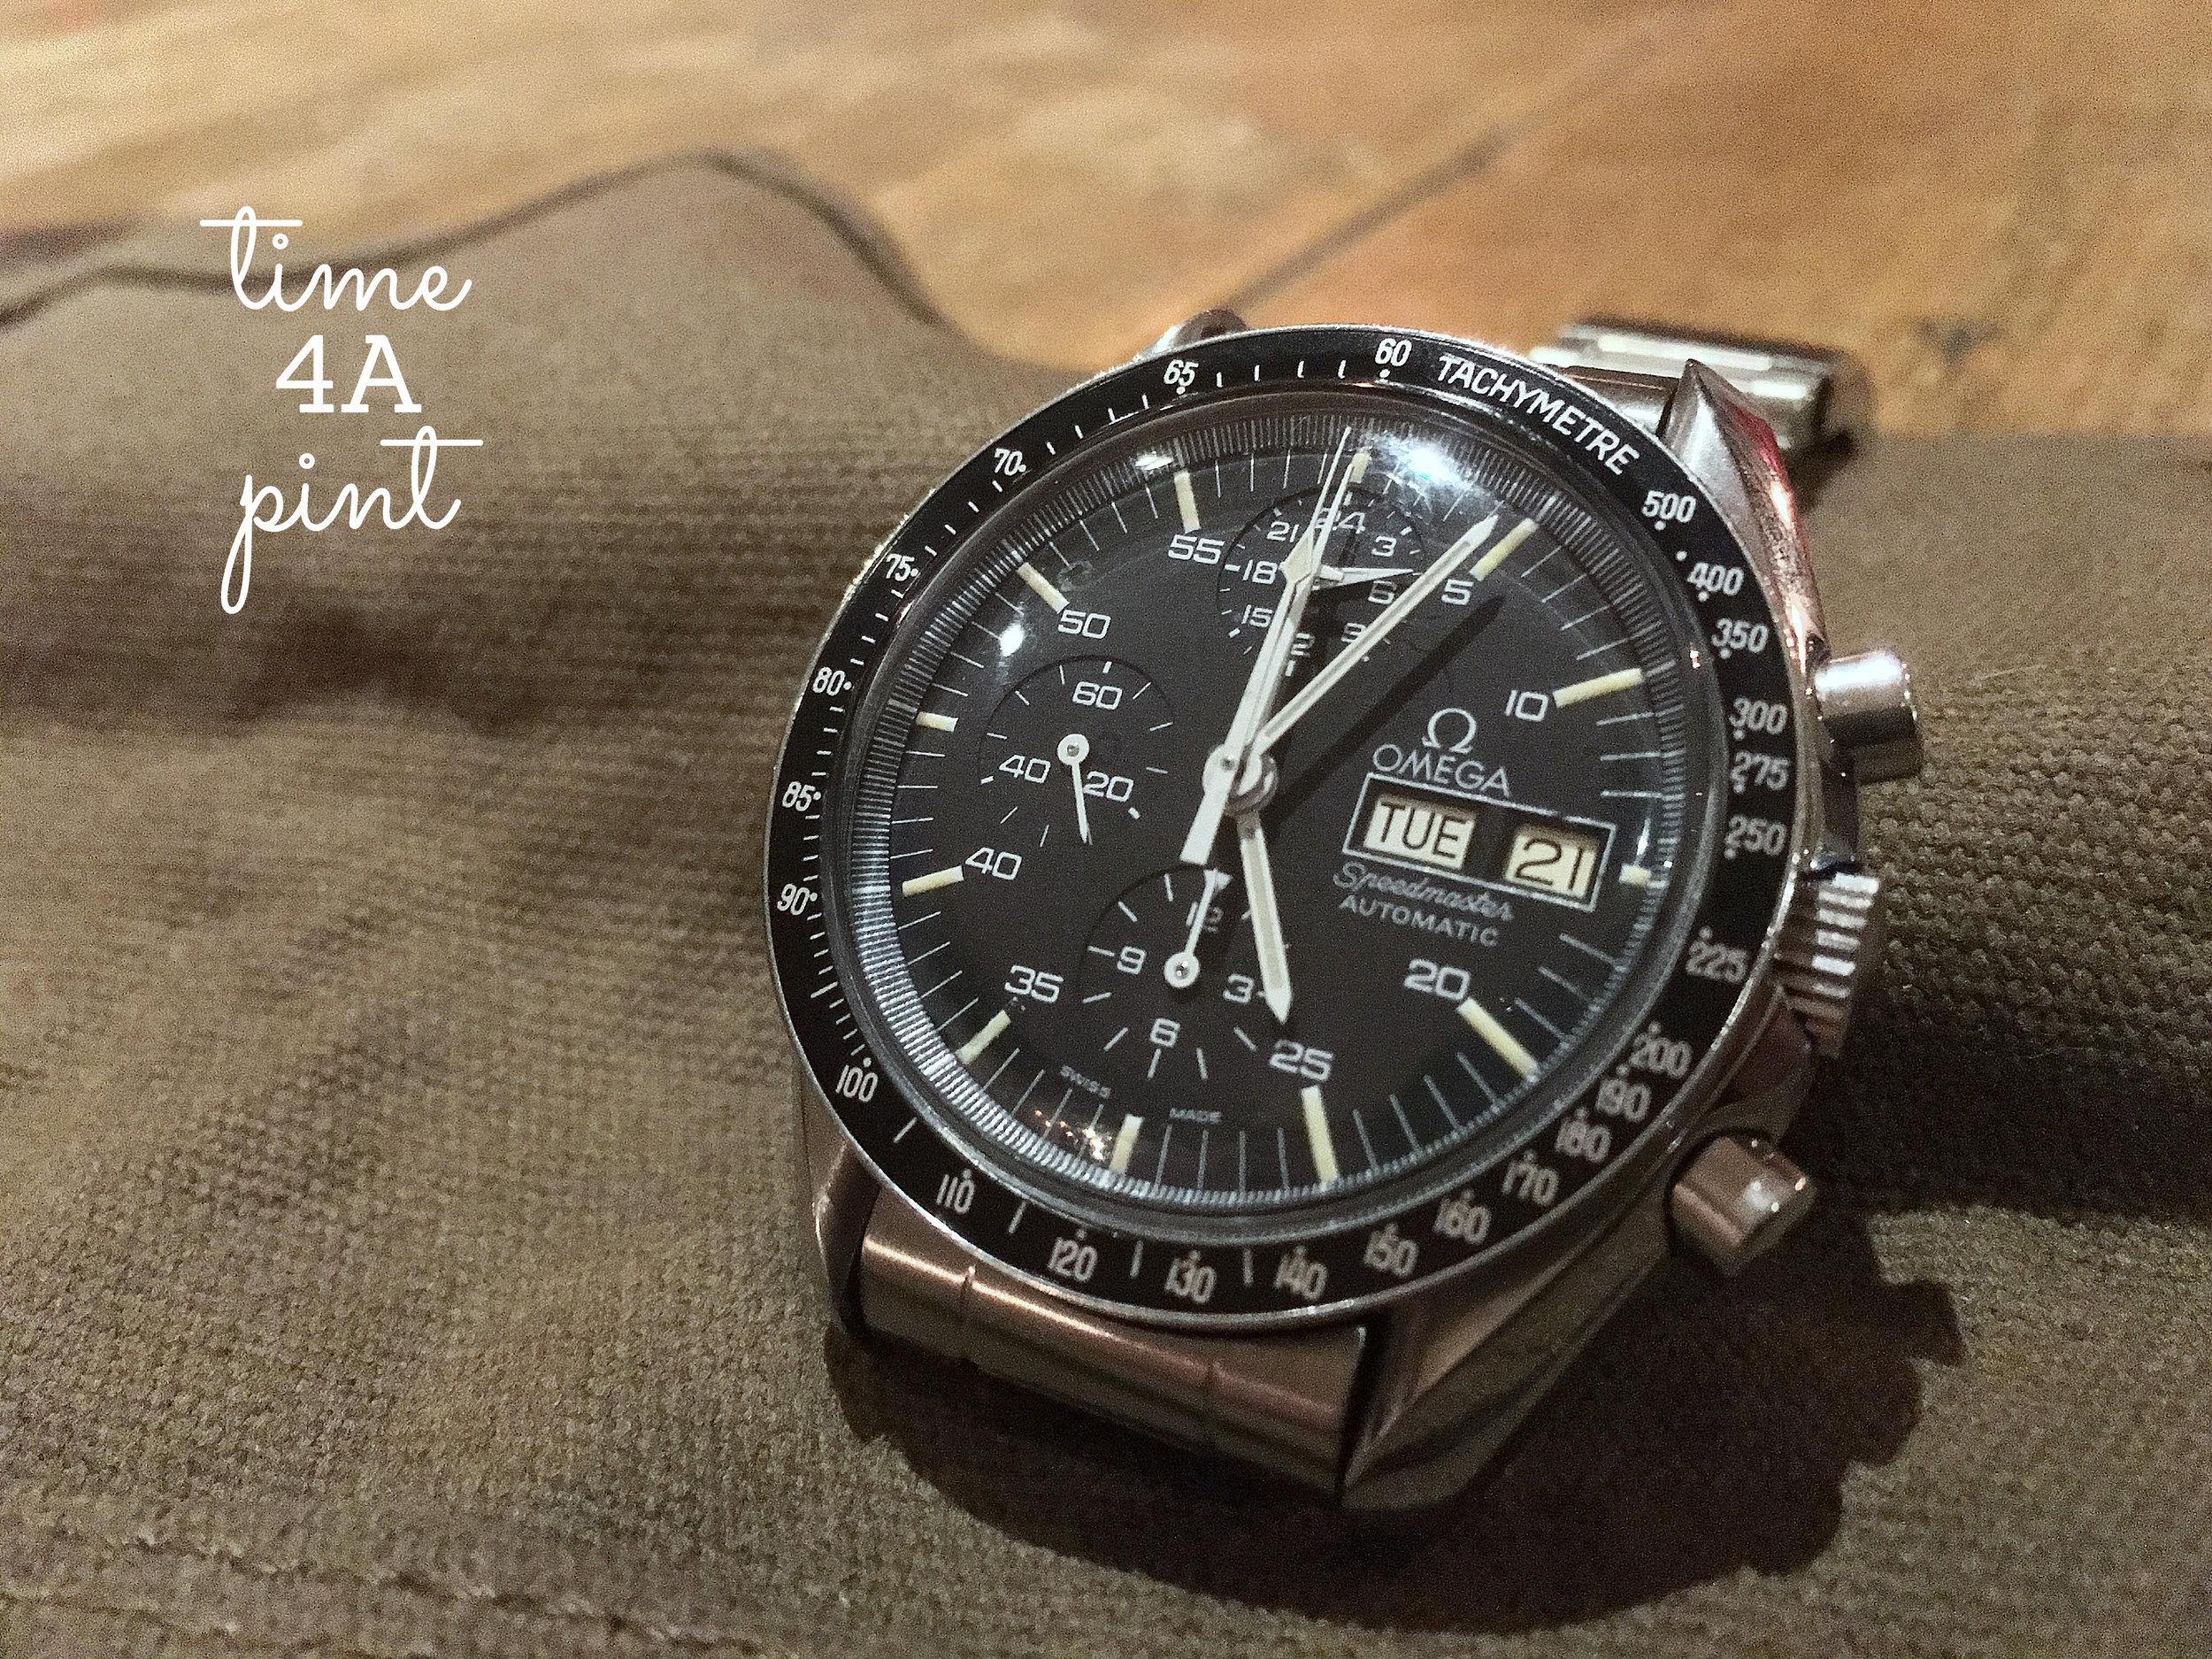 Original Specification Omega Speedmaster 376.0822